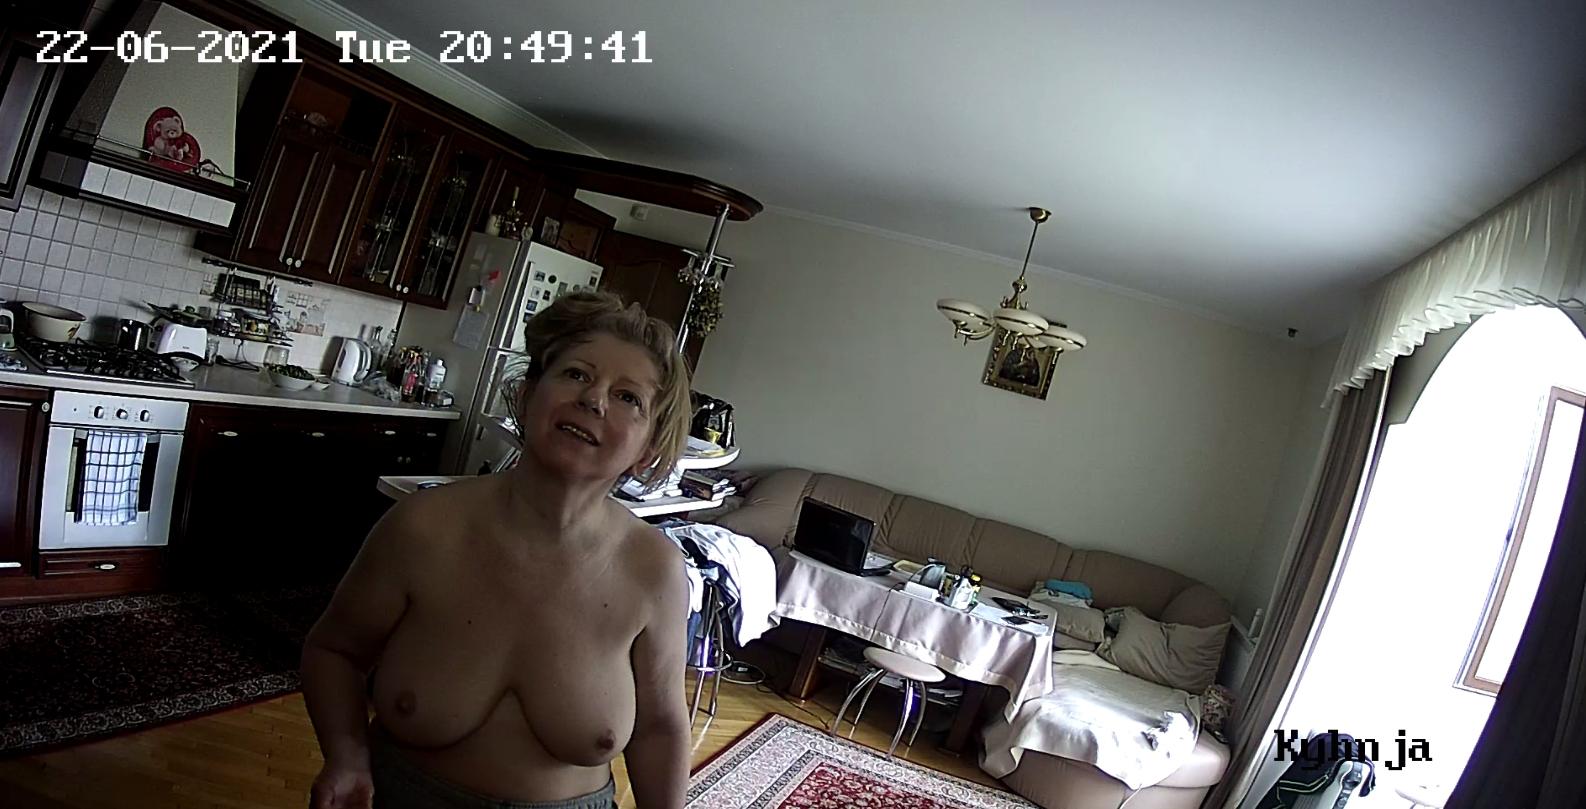 Скрытое наблюдение за мастурбацией, Подглядывание за маструбацией - видео 10 фотография